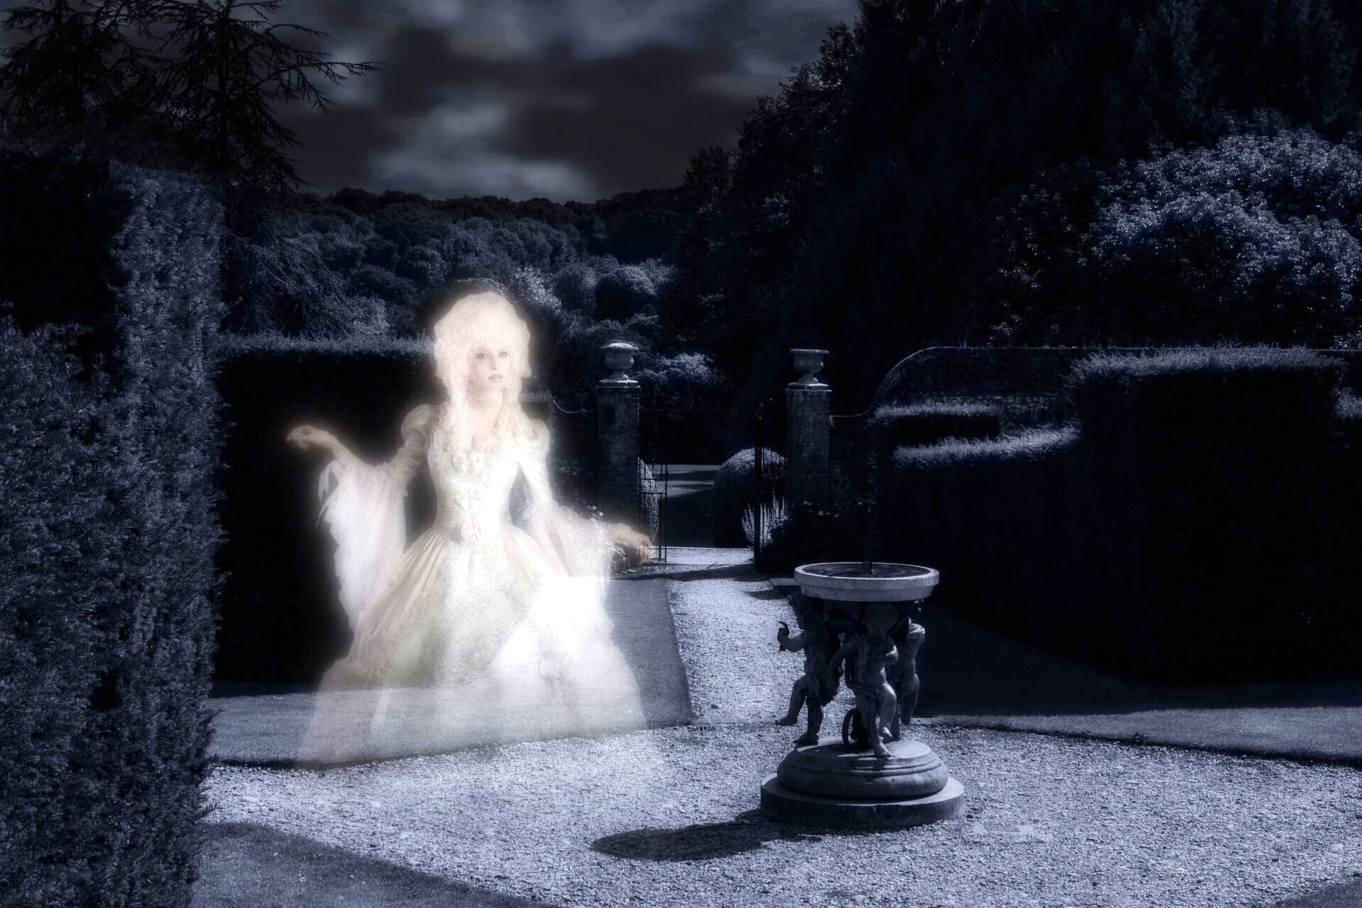 того, призраки картинки с призраками результаты